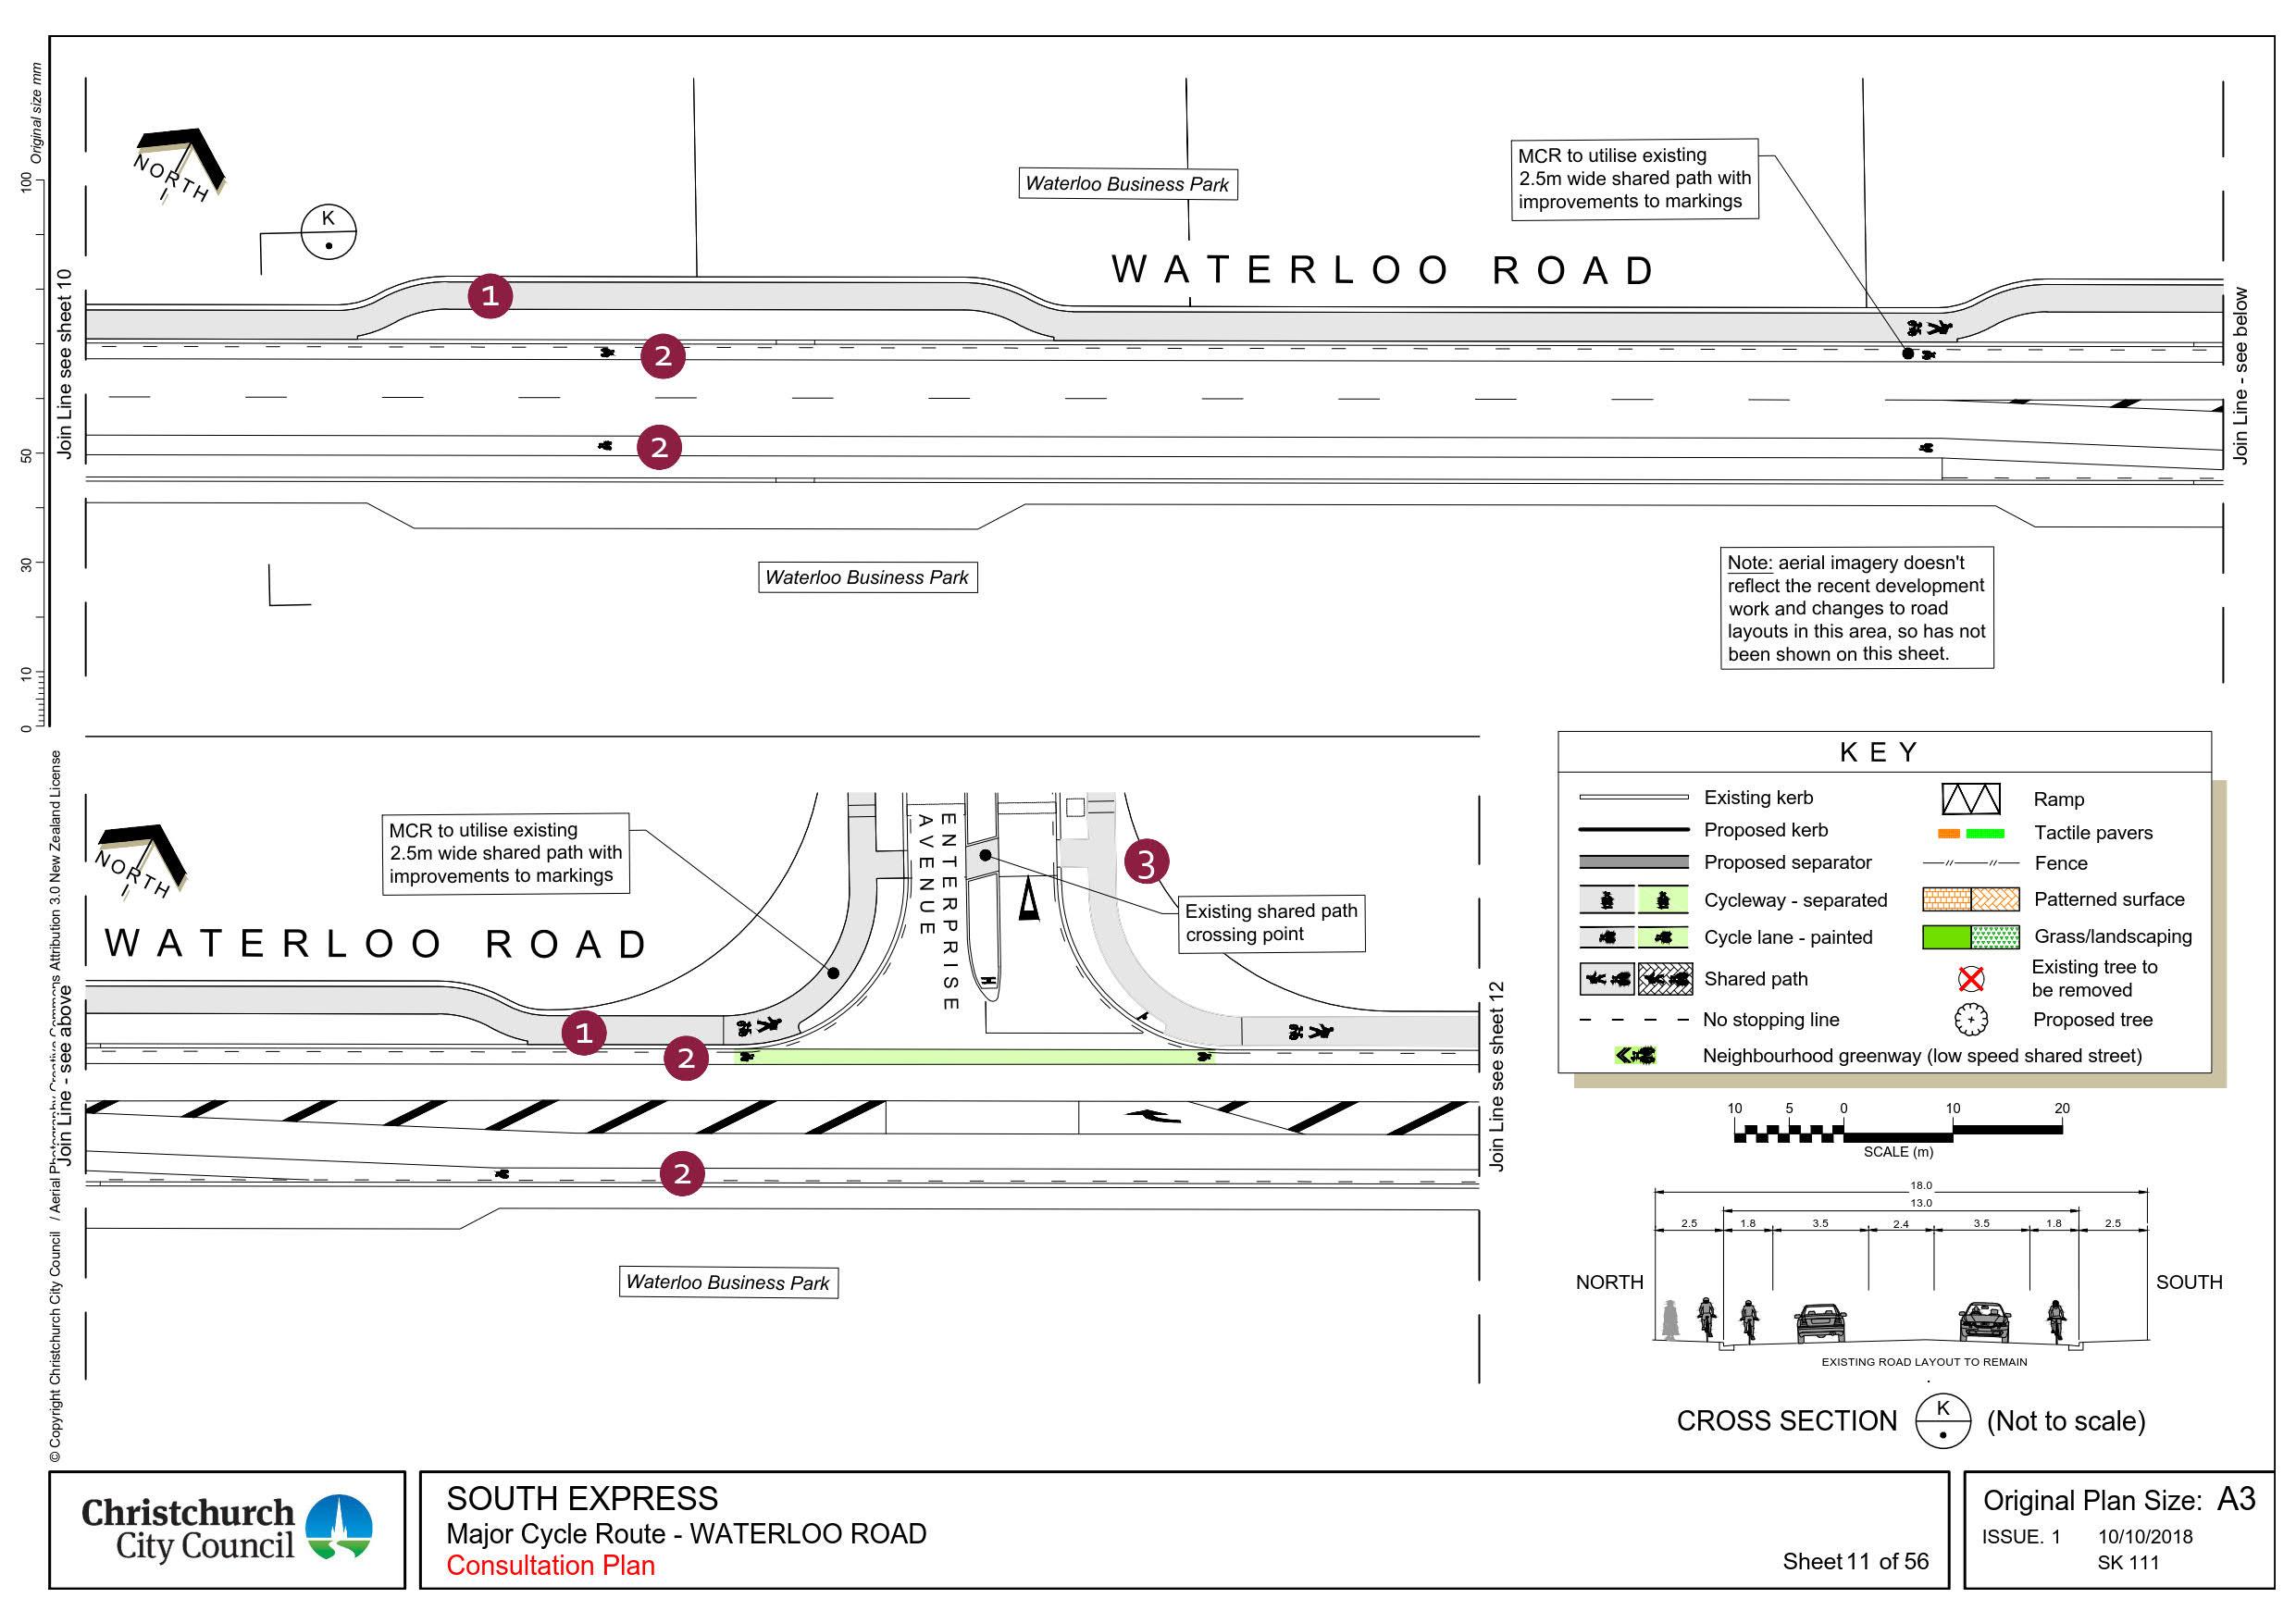 'Waterloo Road